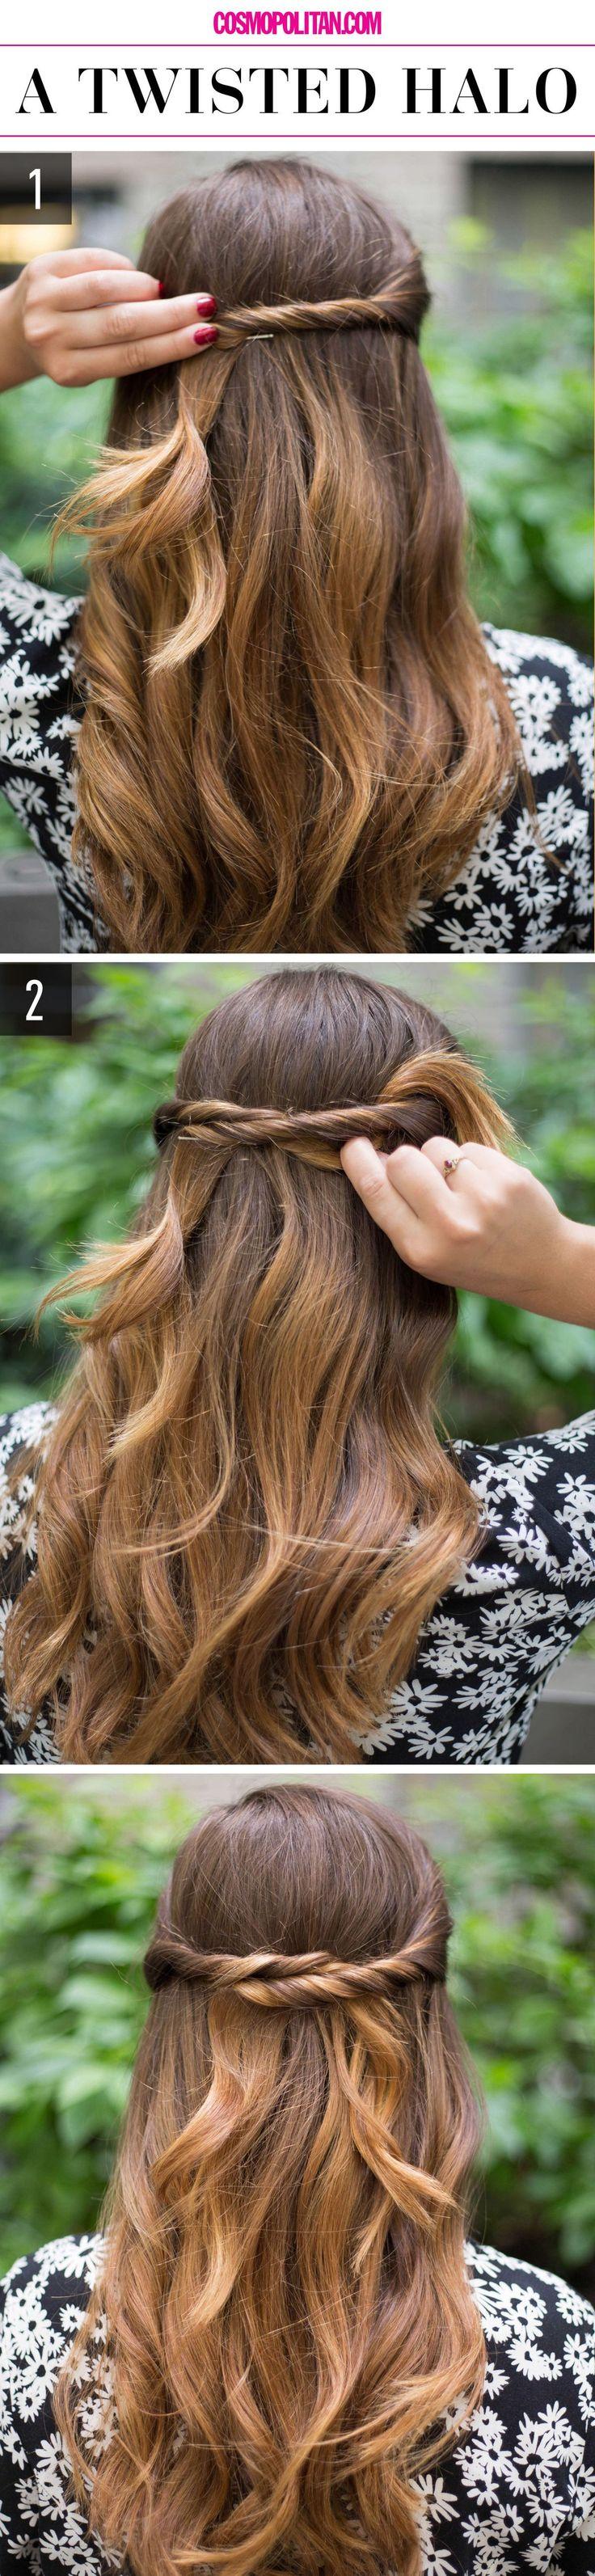 Faça penteados 1: enroladinho, fácil!